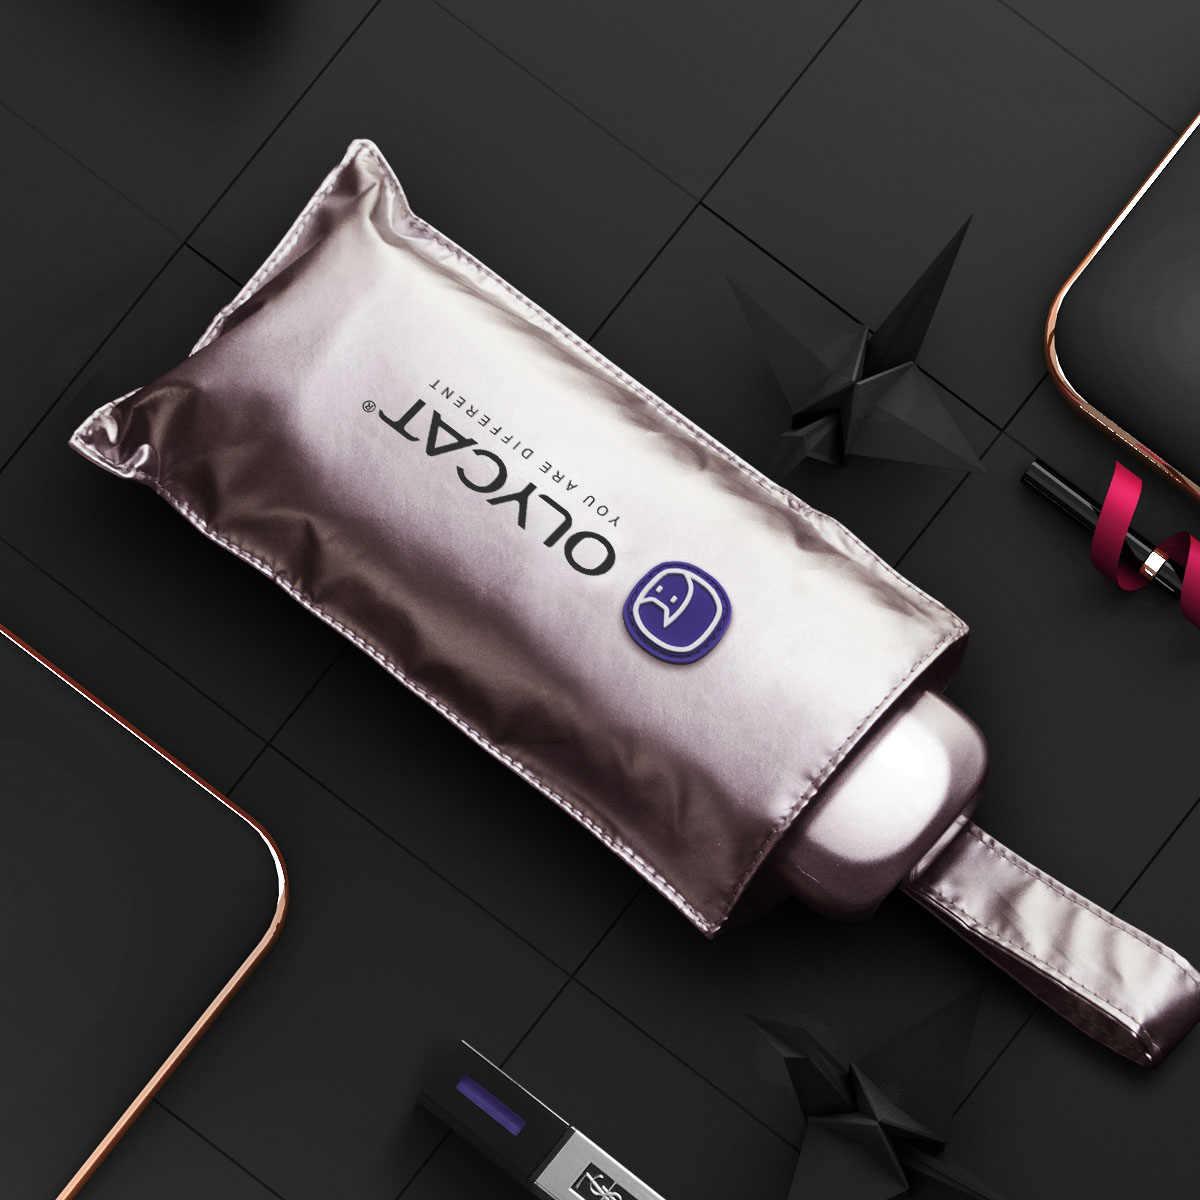 OLYCAT フラット日傘雨の女性チタンシルバー抗 UV ミニ傘子供ポータブル 5 傘防風 UPF50+